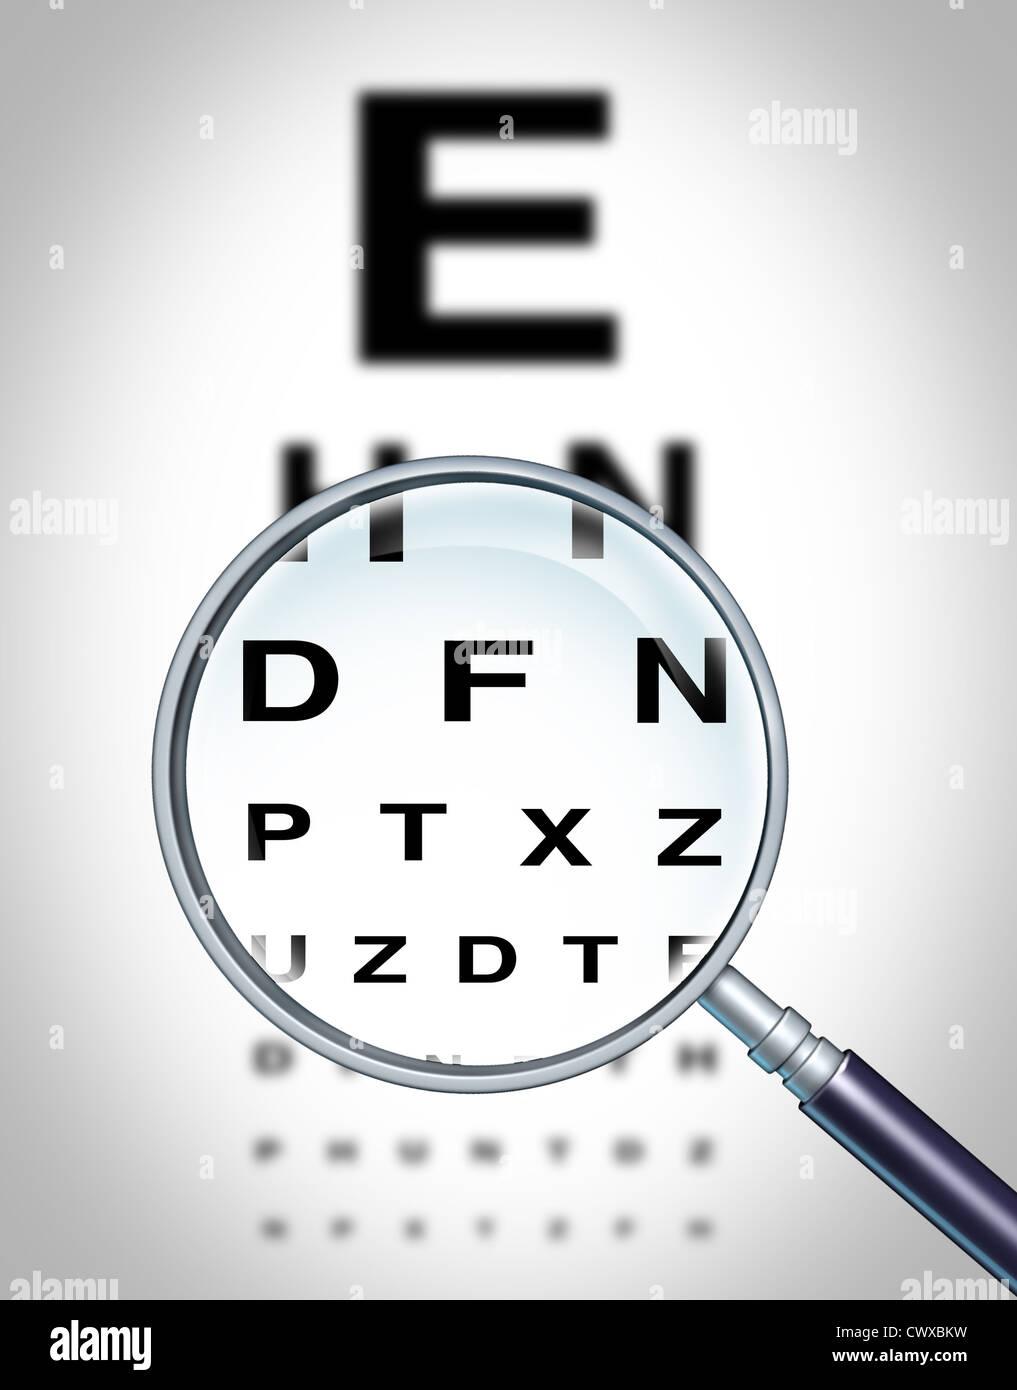 Occhio umano vision grafico e vista medical all'ottico optometrista simbolo per il reparto oculistica in ahospital Immagini Stock